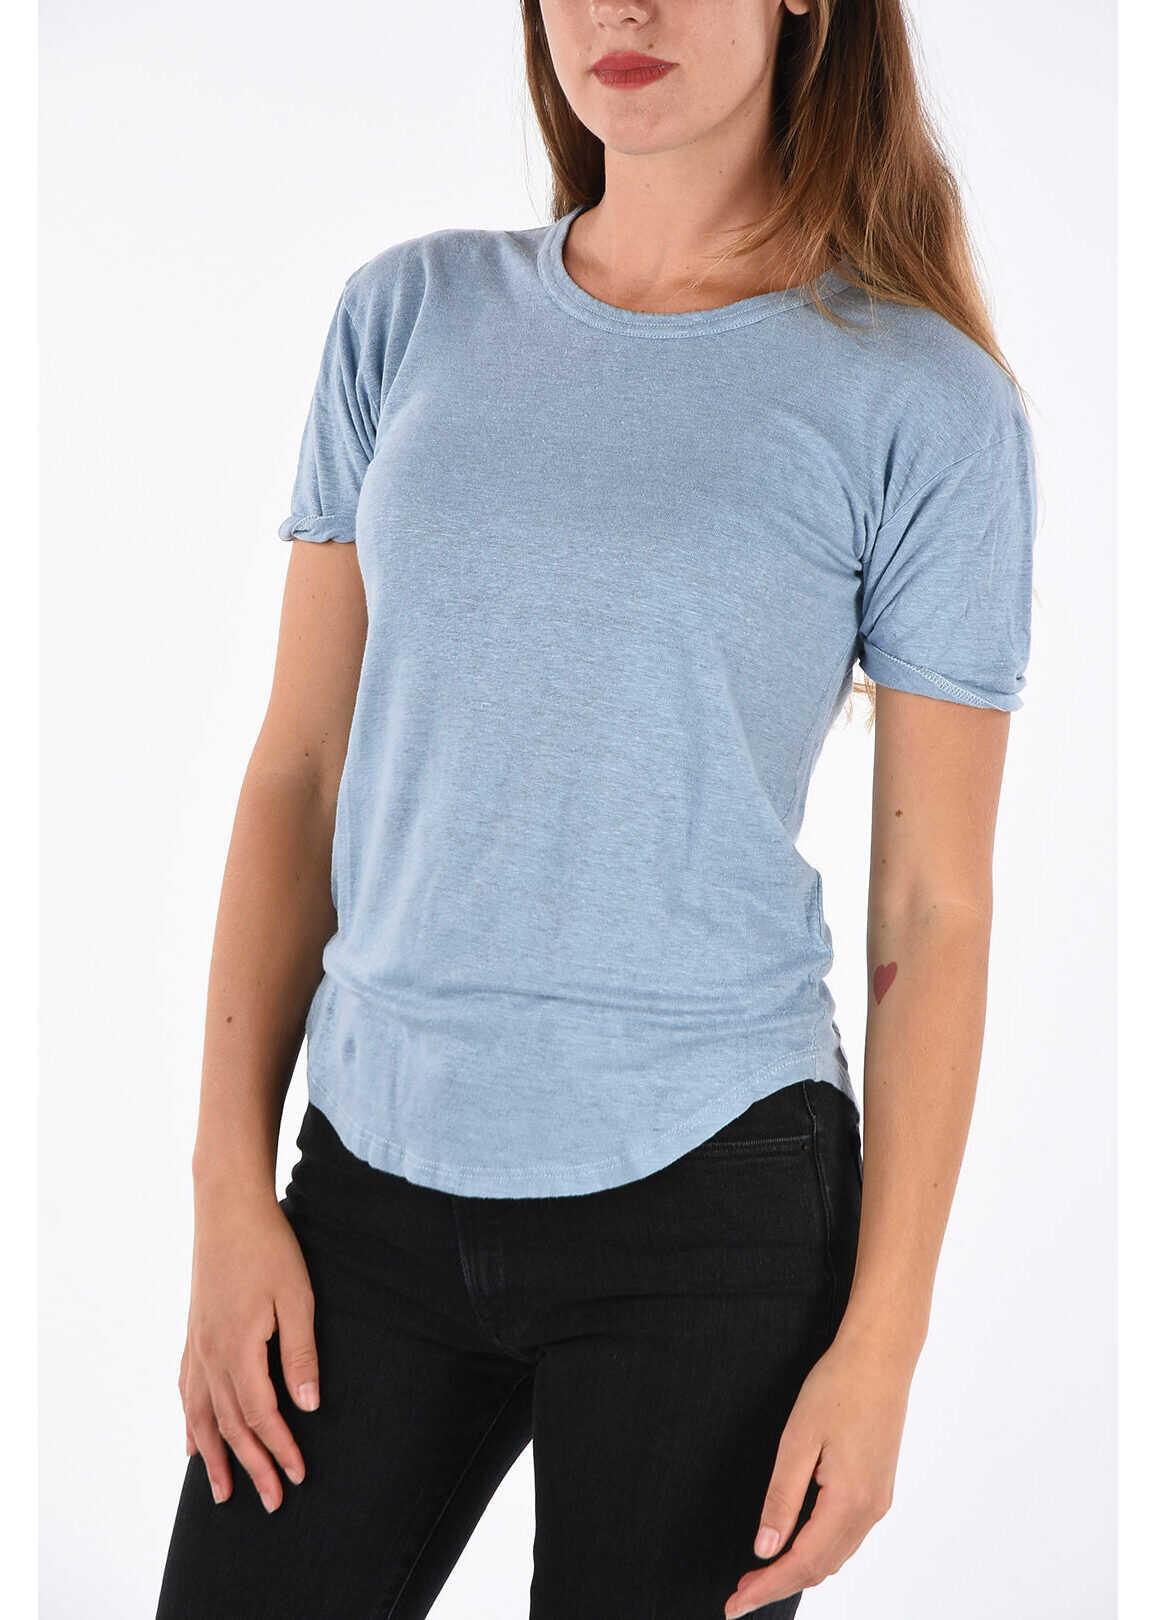 Isabel Marant ETOILE Flax Crew-Neck T-shirt BLUE